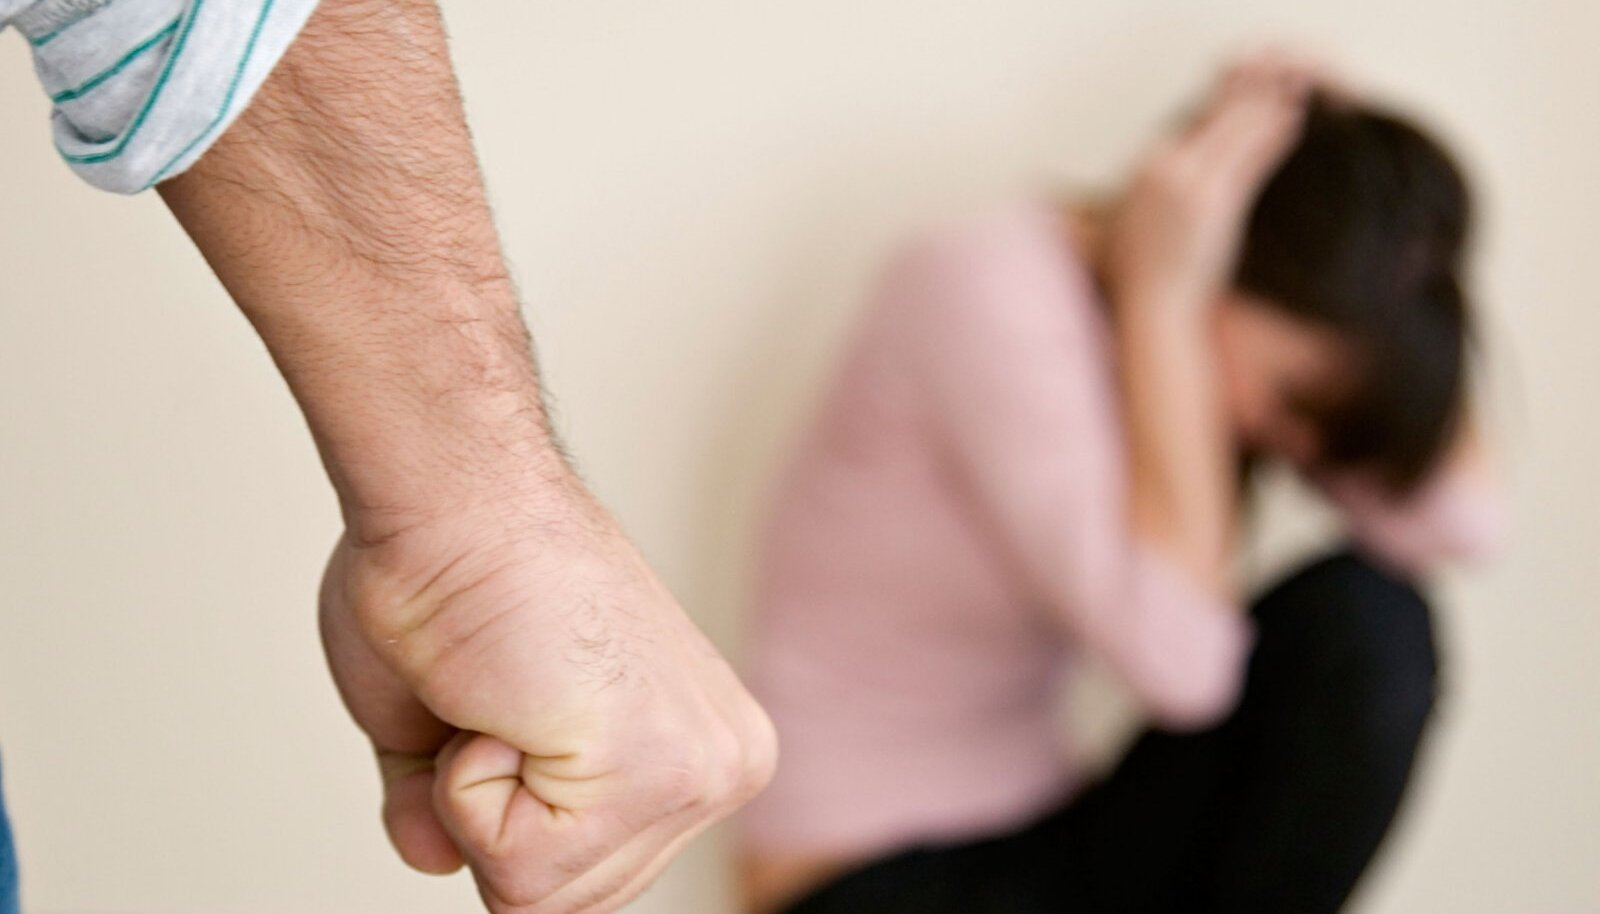 Koduvägivald on levinum kui oskame arvata